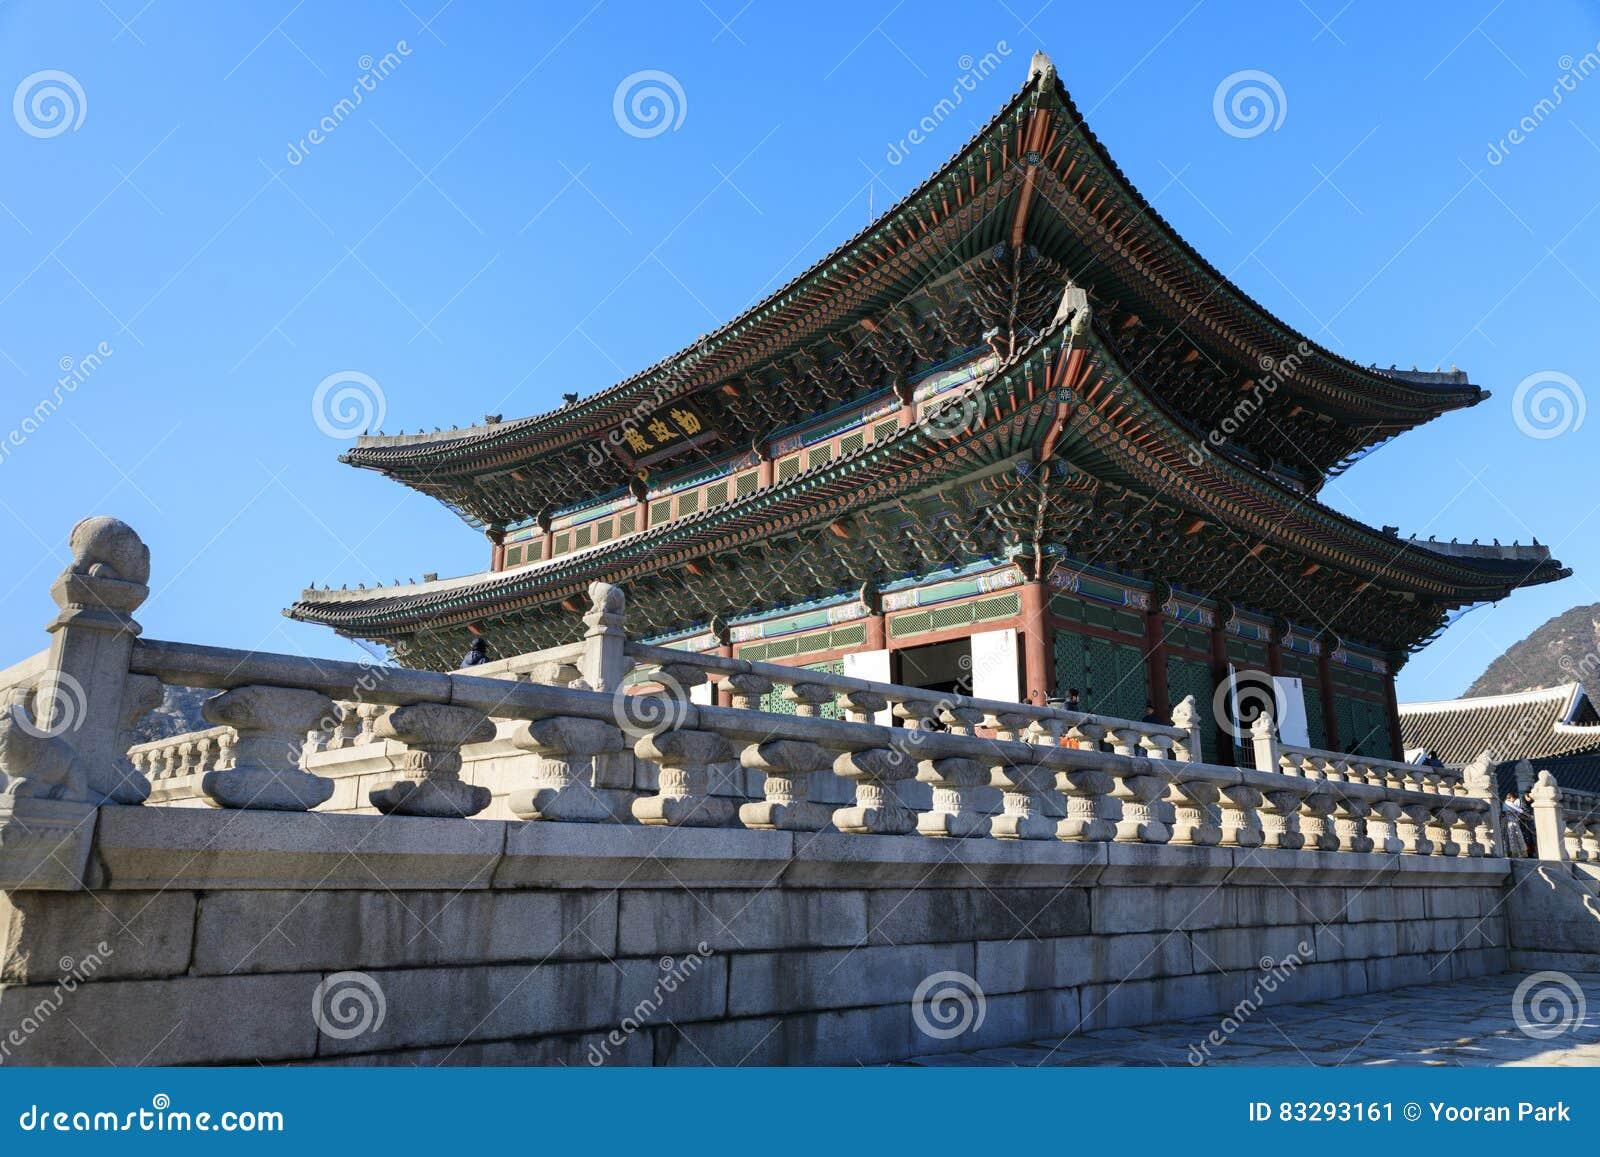 Geunjeongjeon Hall at gyeongbokgung Palace in Seoul, Korea